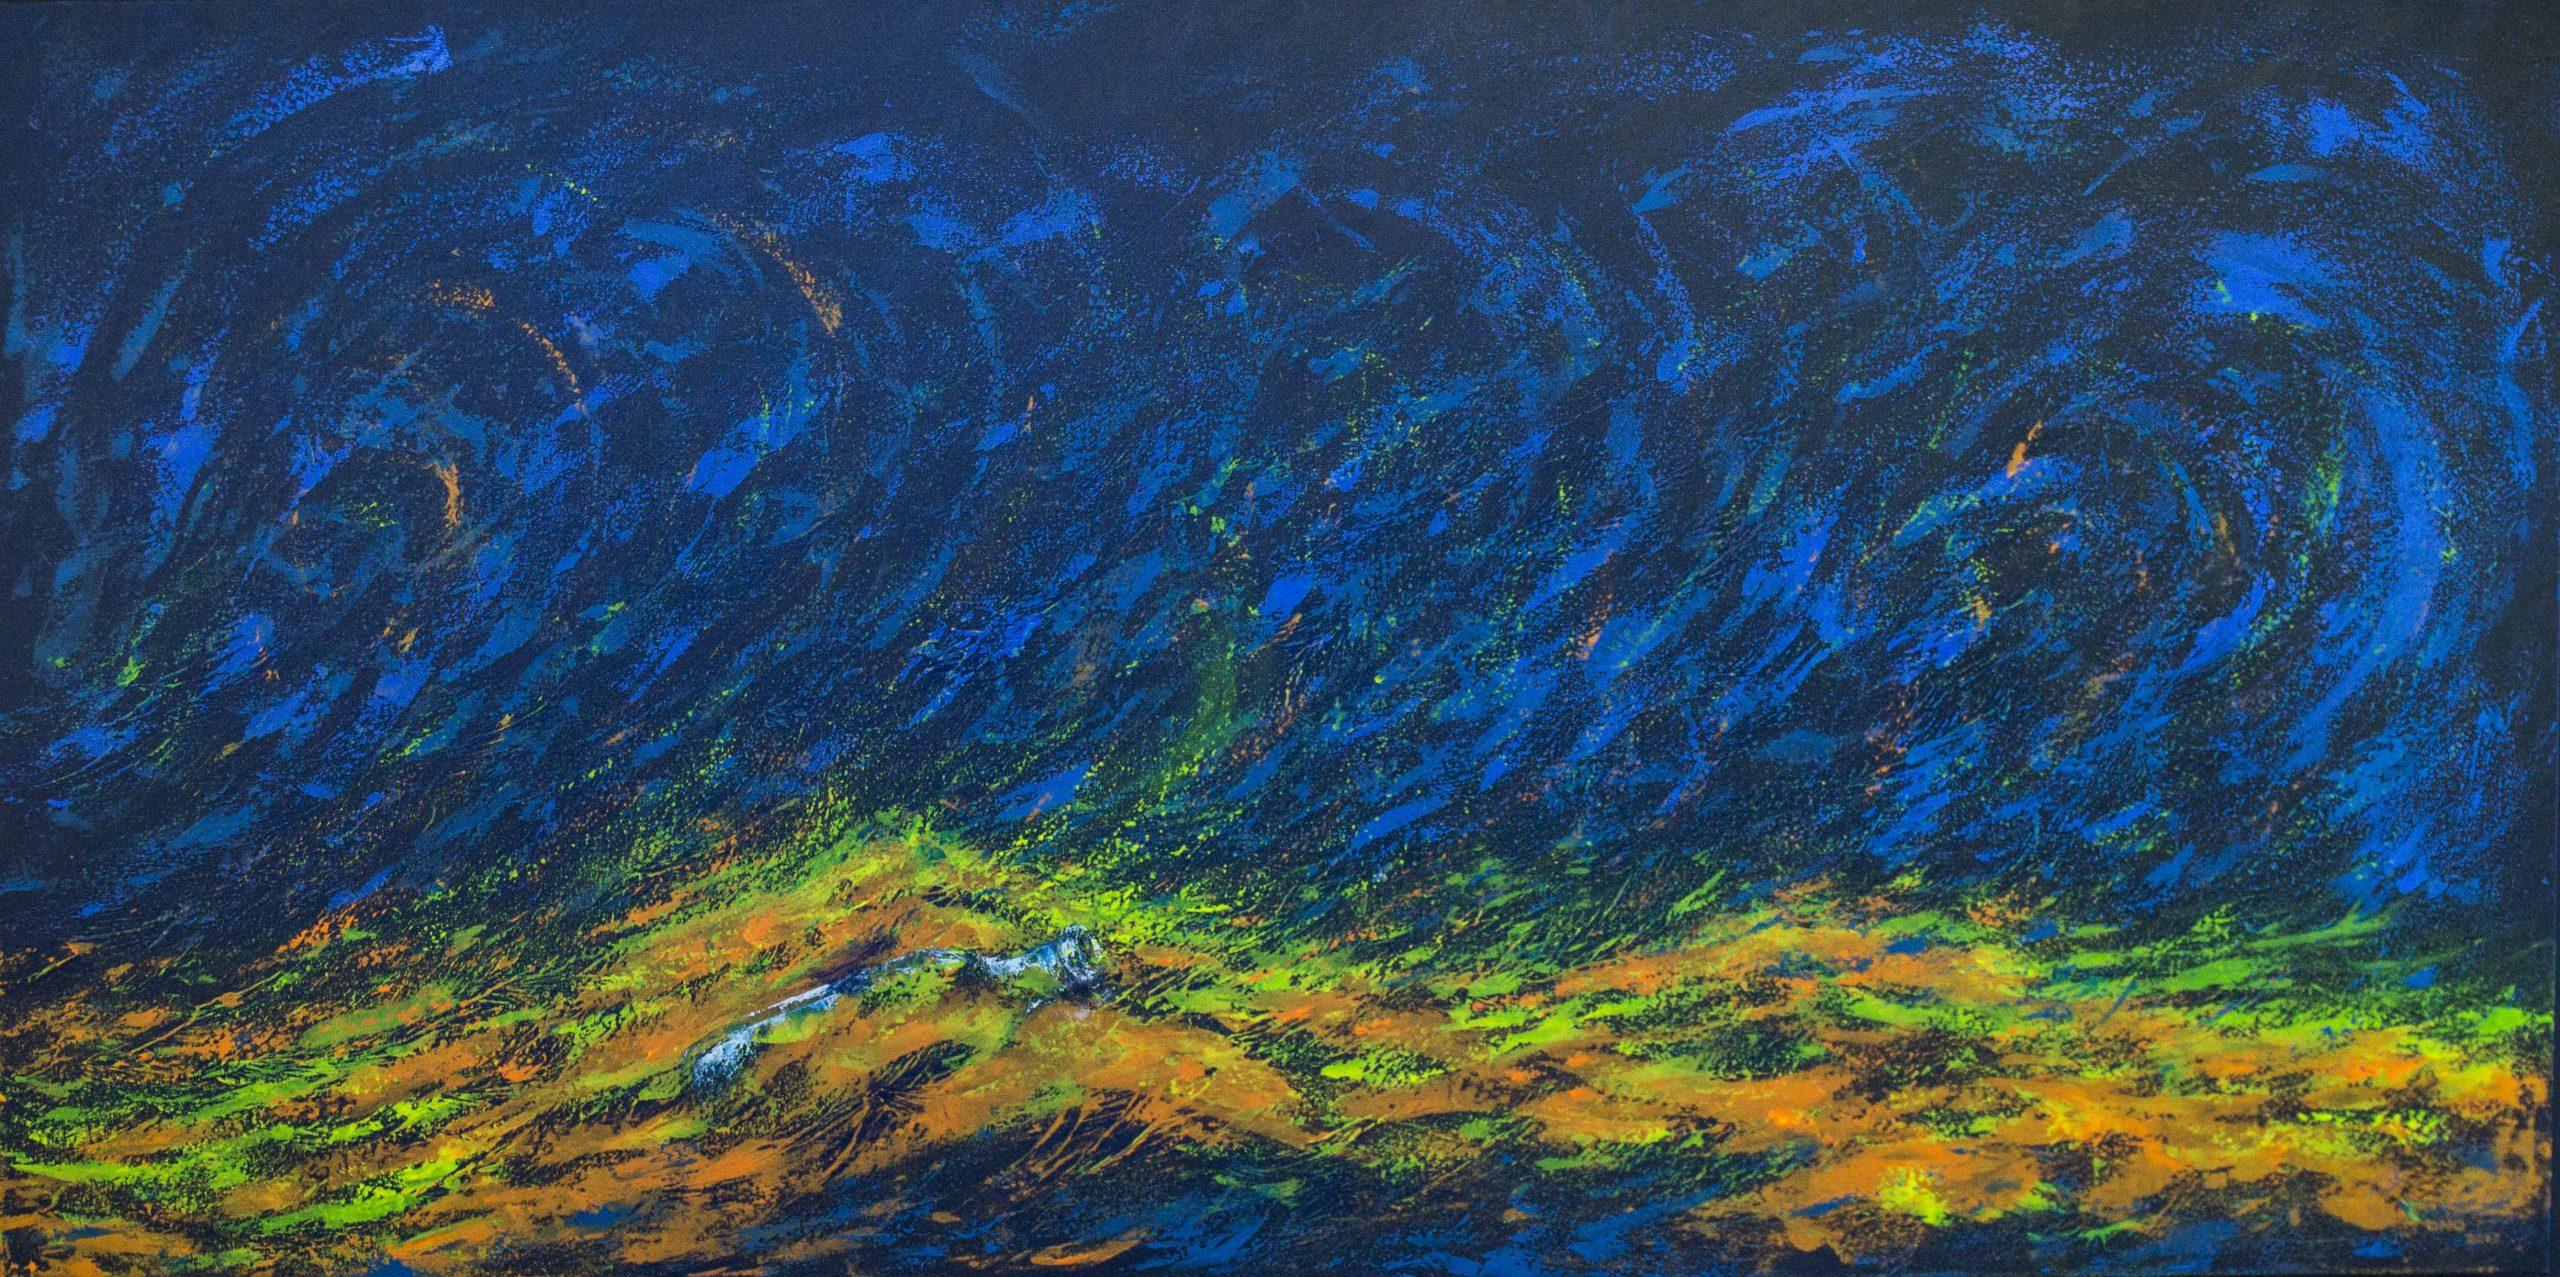 Acrílica sobre tela - 100 x 200 cm - com projeção de luz azul (2017)